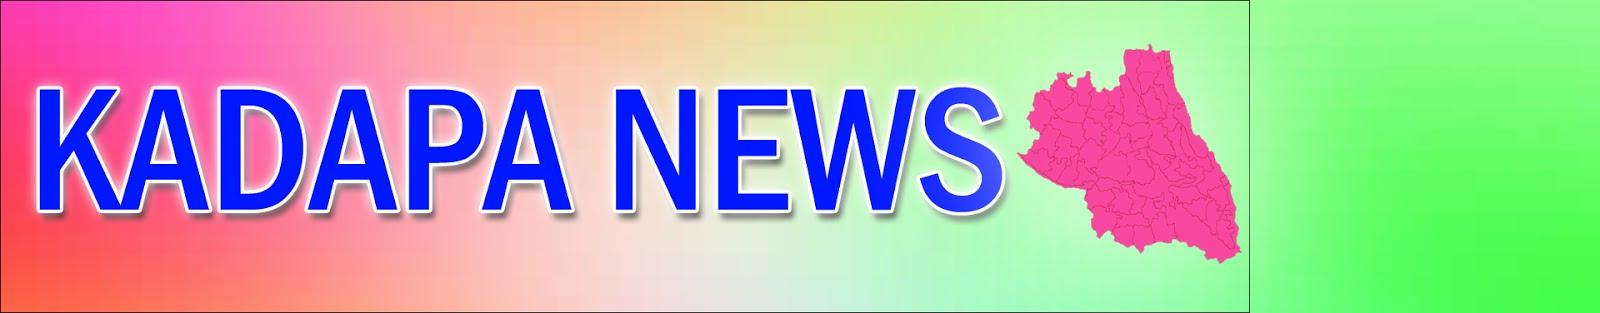 KADAPA NEWS